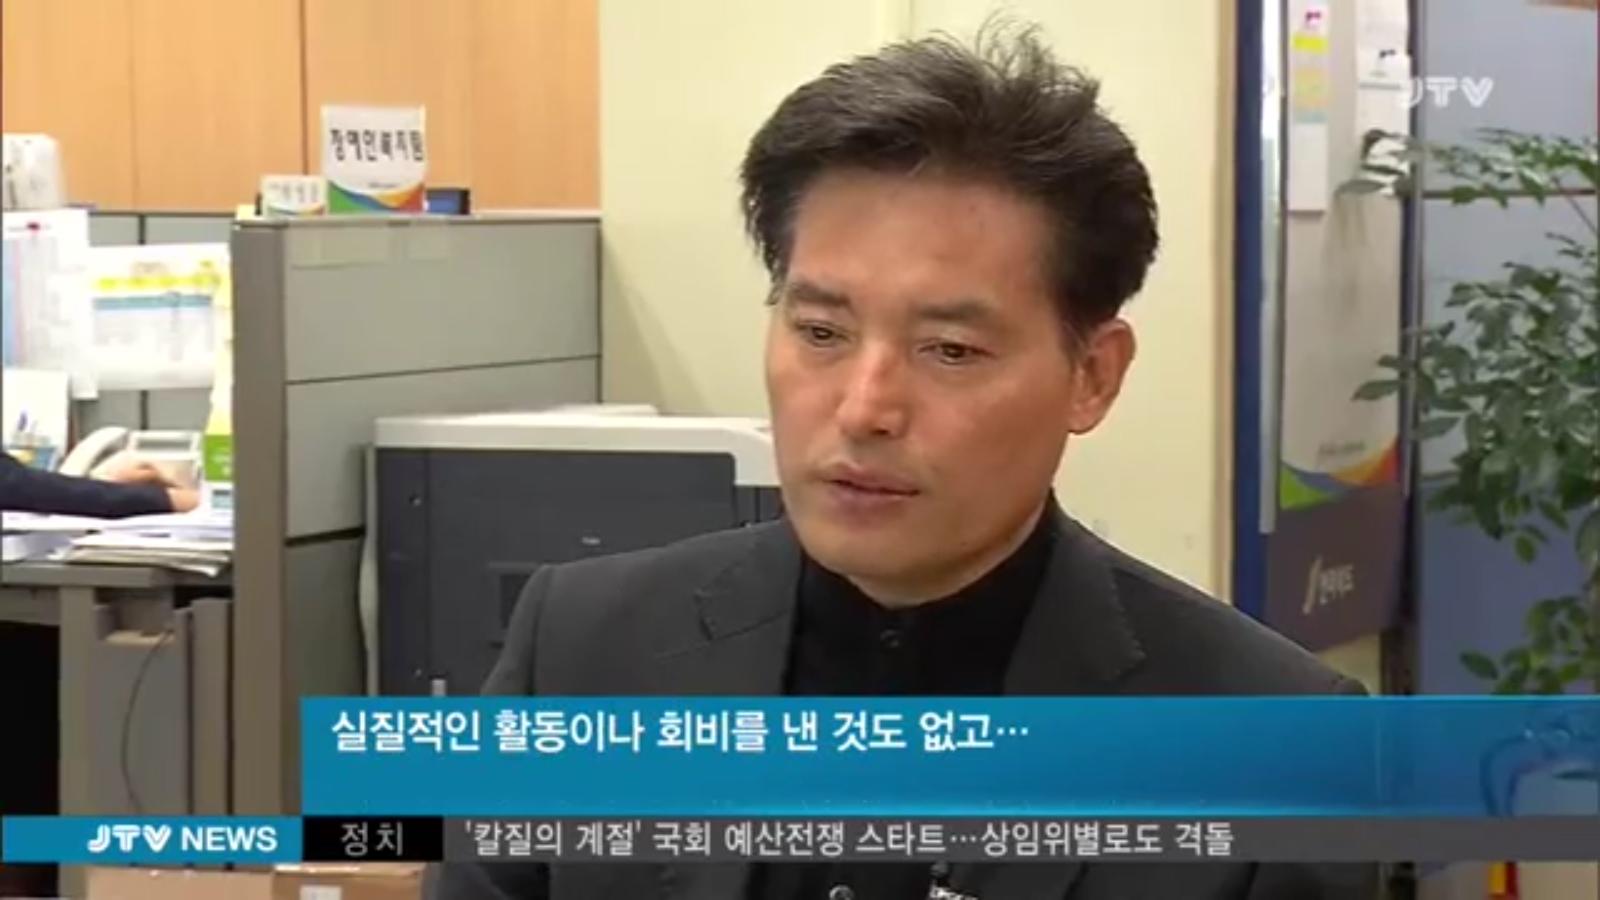 [17.11.05 JTV] 봉침목사 시설 모태인 단체도 설립부터 '엉터리'...줄줄 새는 보조금7.jpg